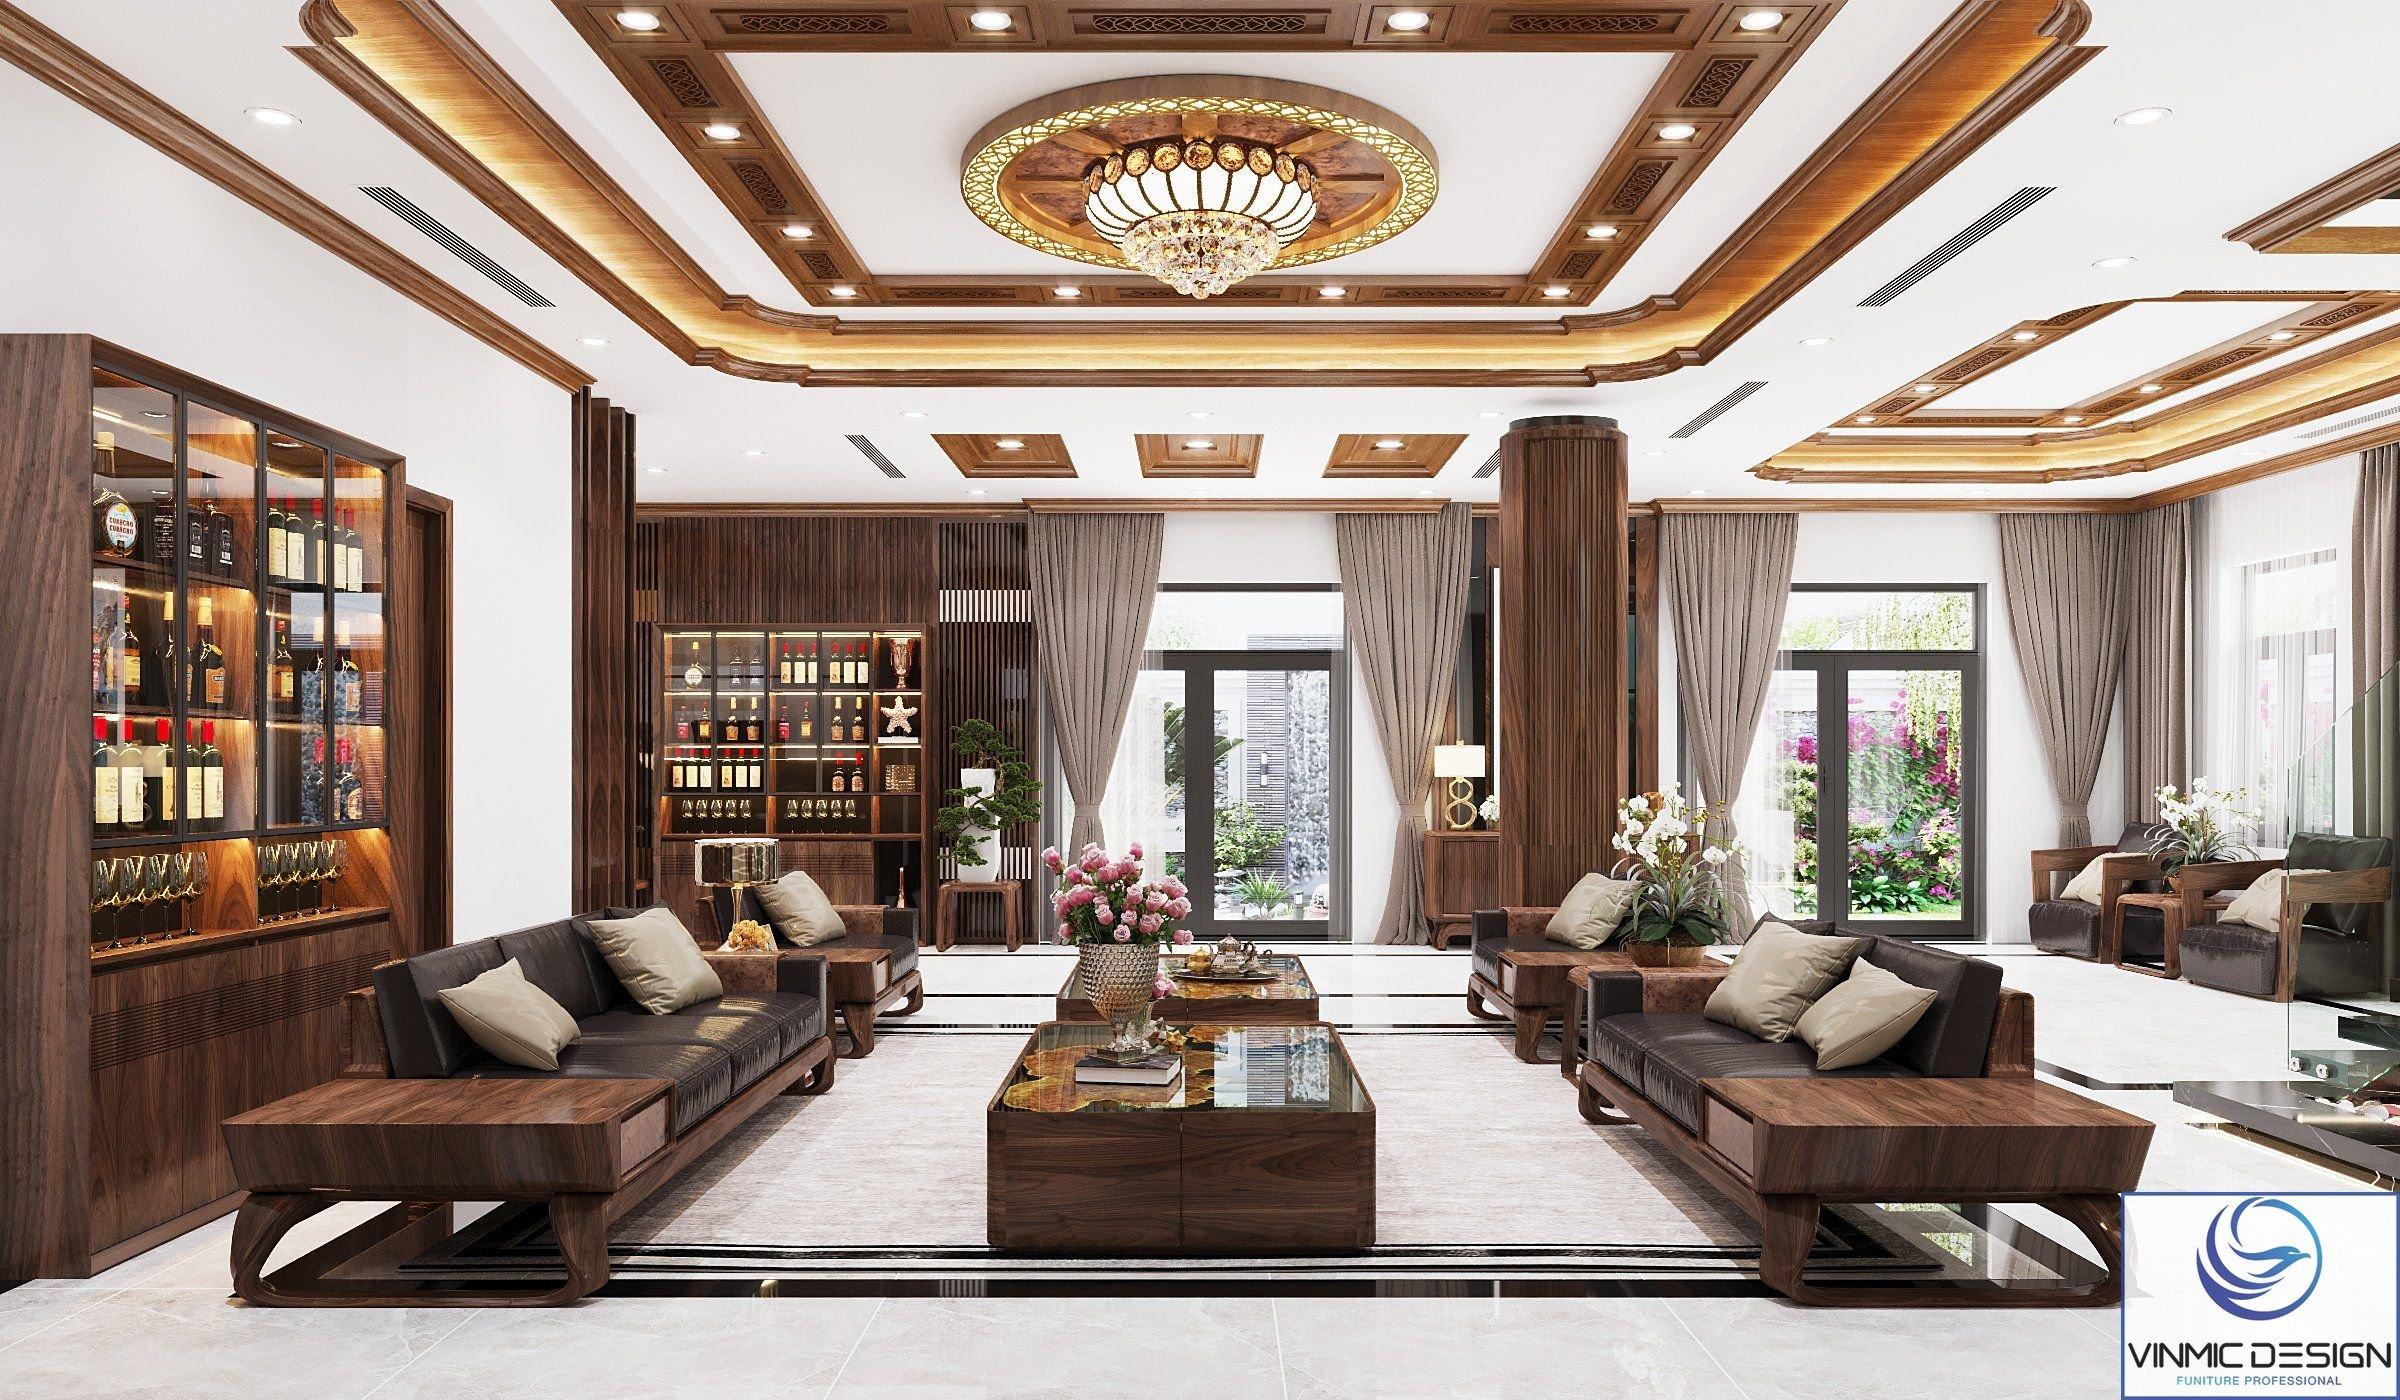 Không gian sang trọng thoáng đãng của phòng khách biệt thự thiết kế theo phong cách hiện đại.